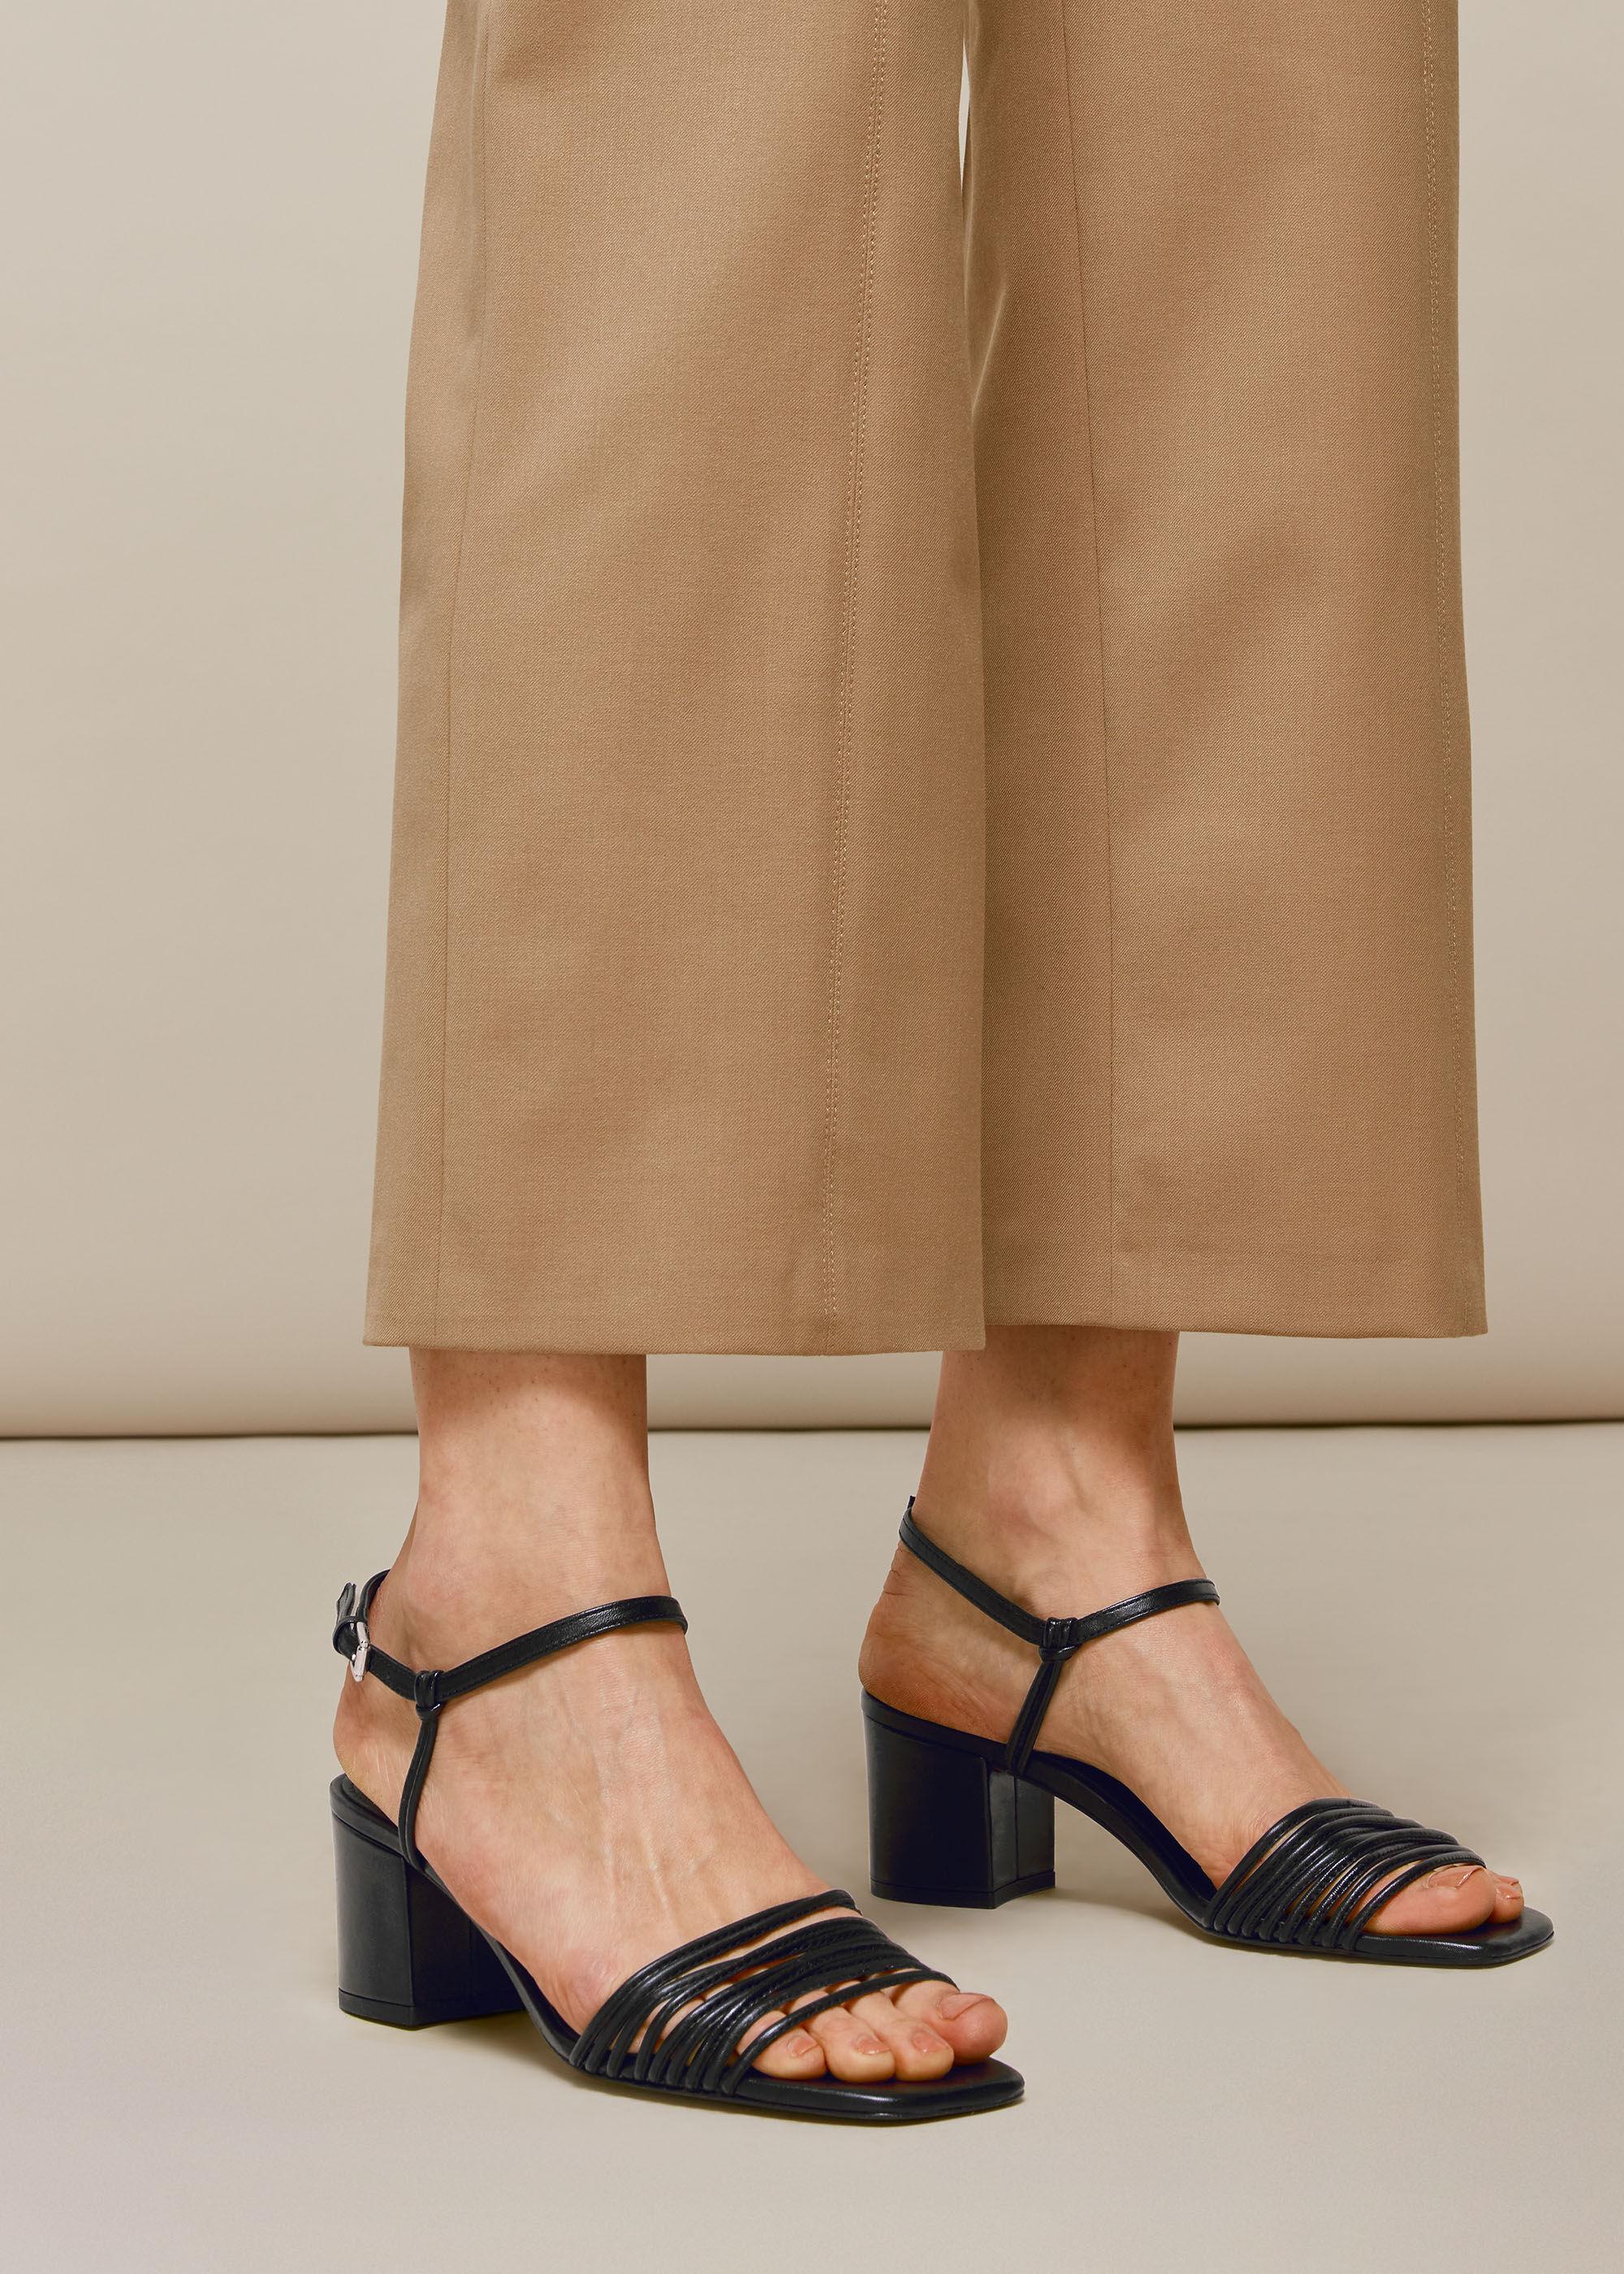 Black Hana Multi Strap Sandal